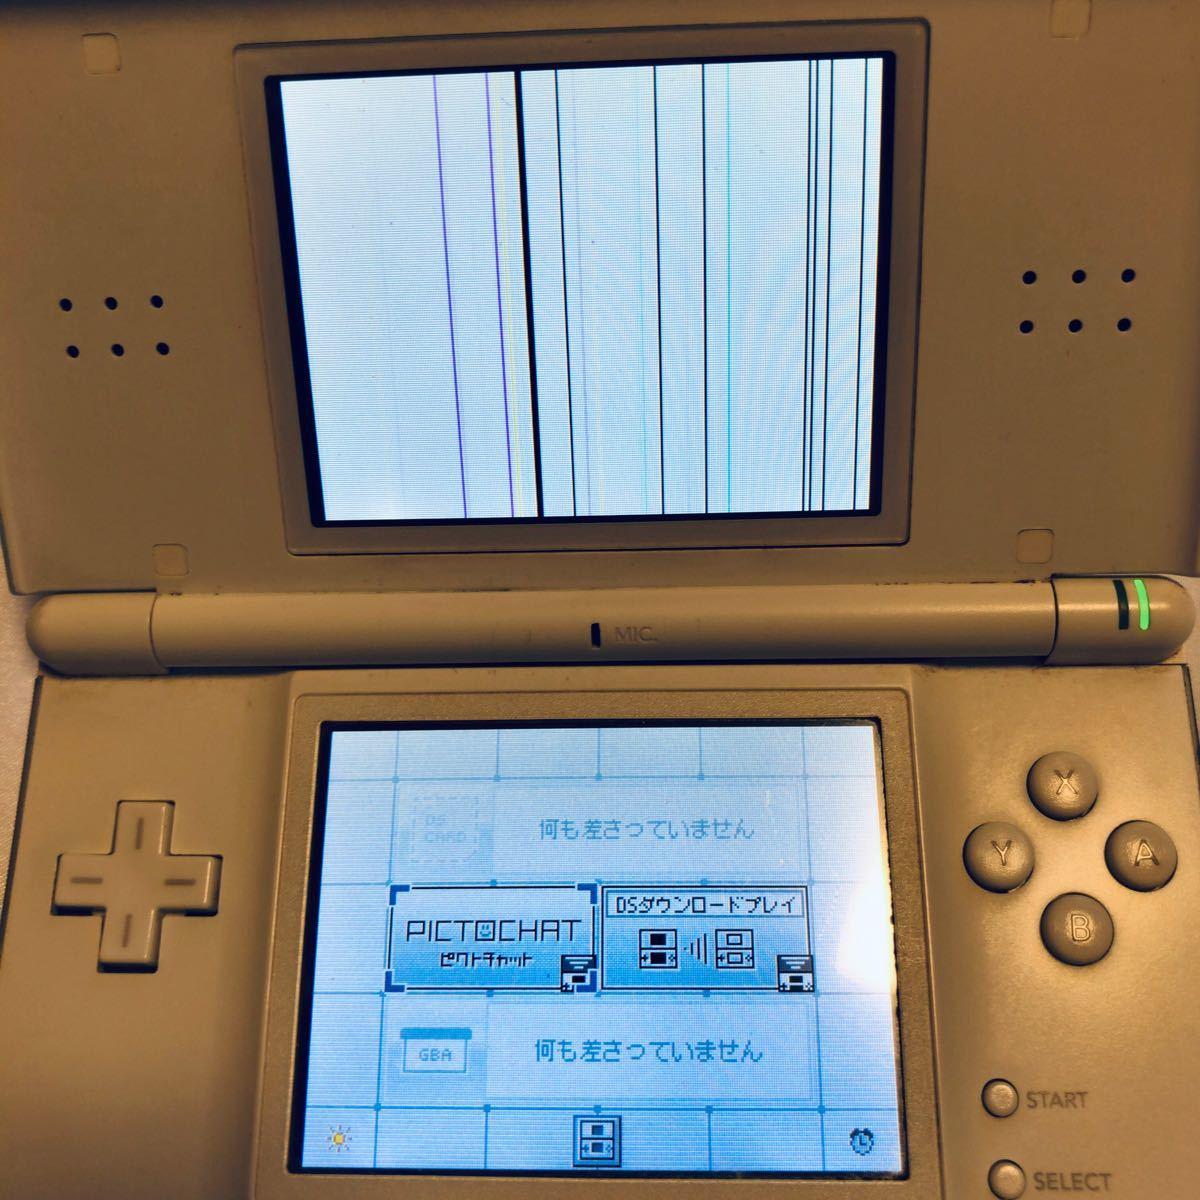 ニンテンドーDS DS Lite 計3台 ジャンク